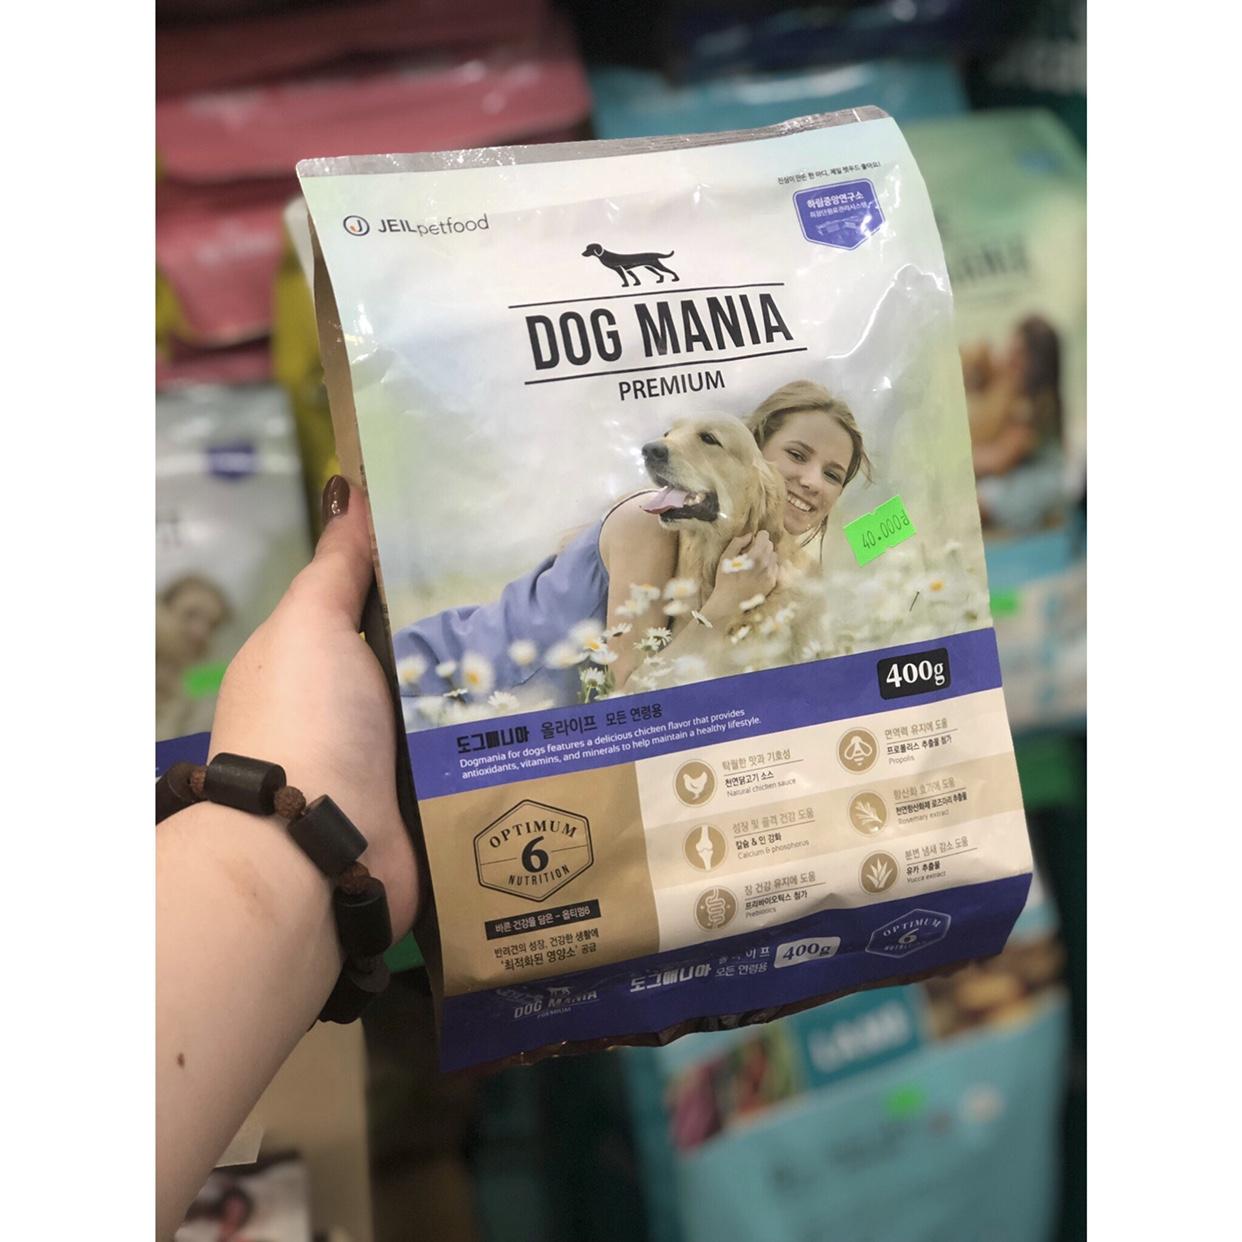 Dog Mania Premium 400g